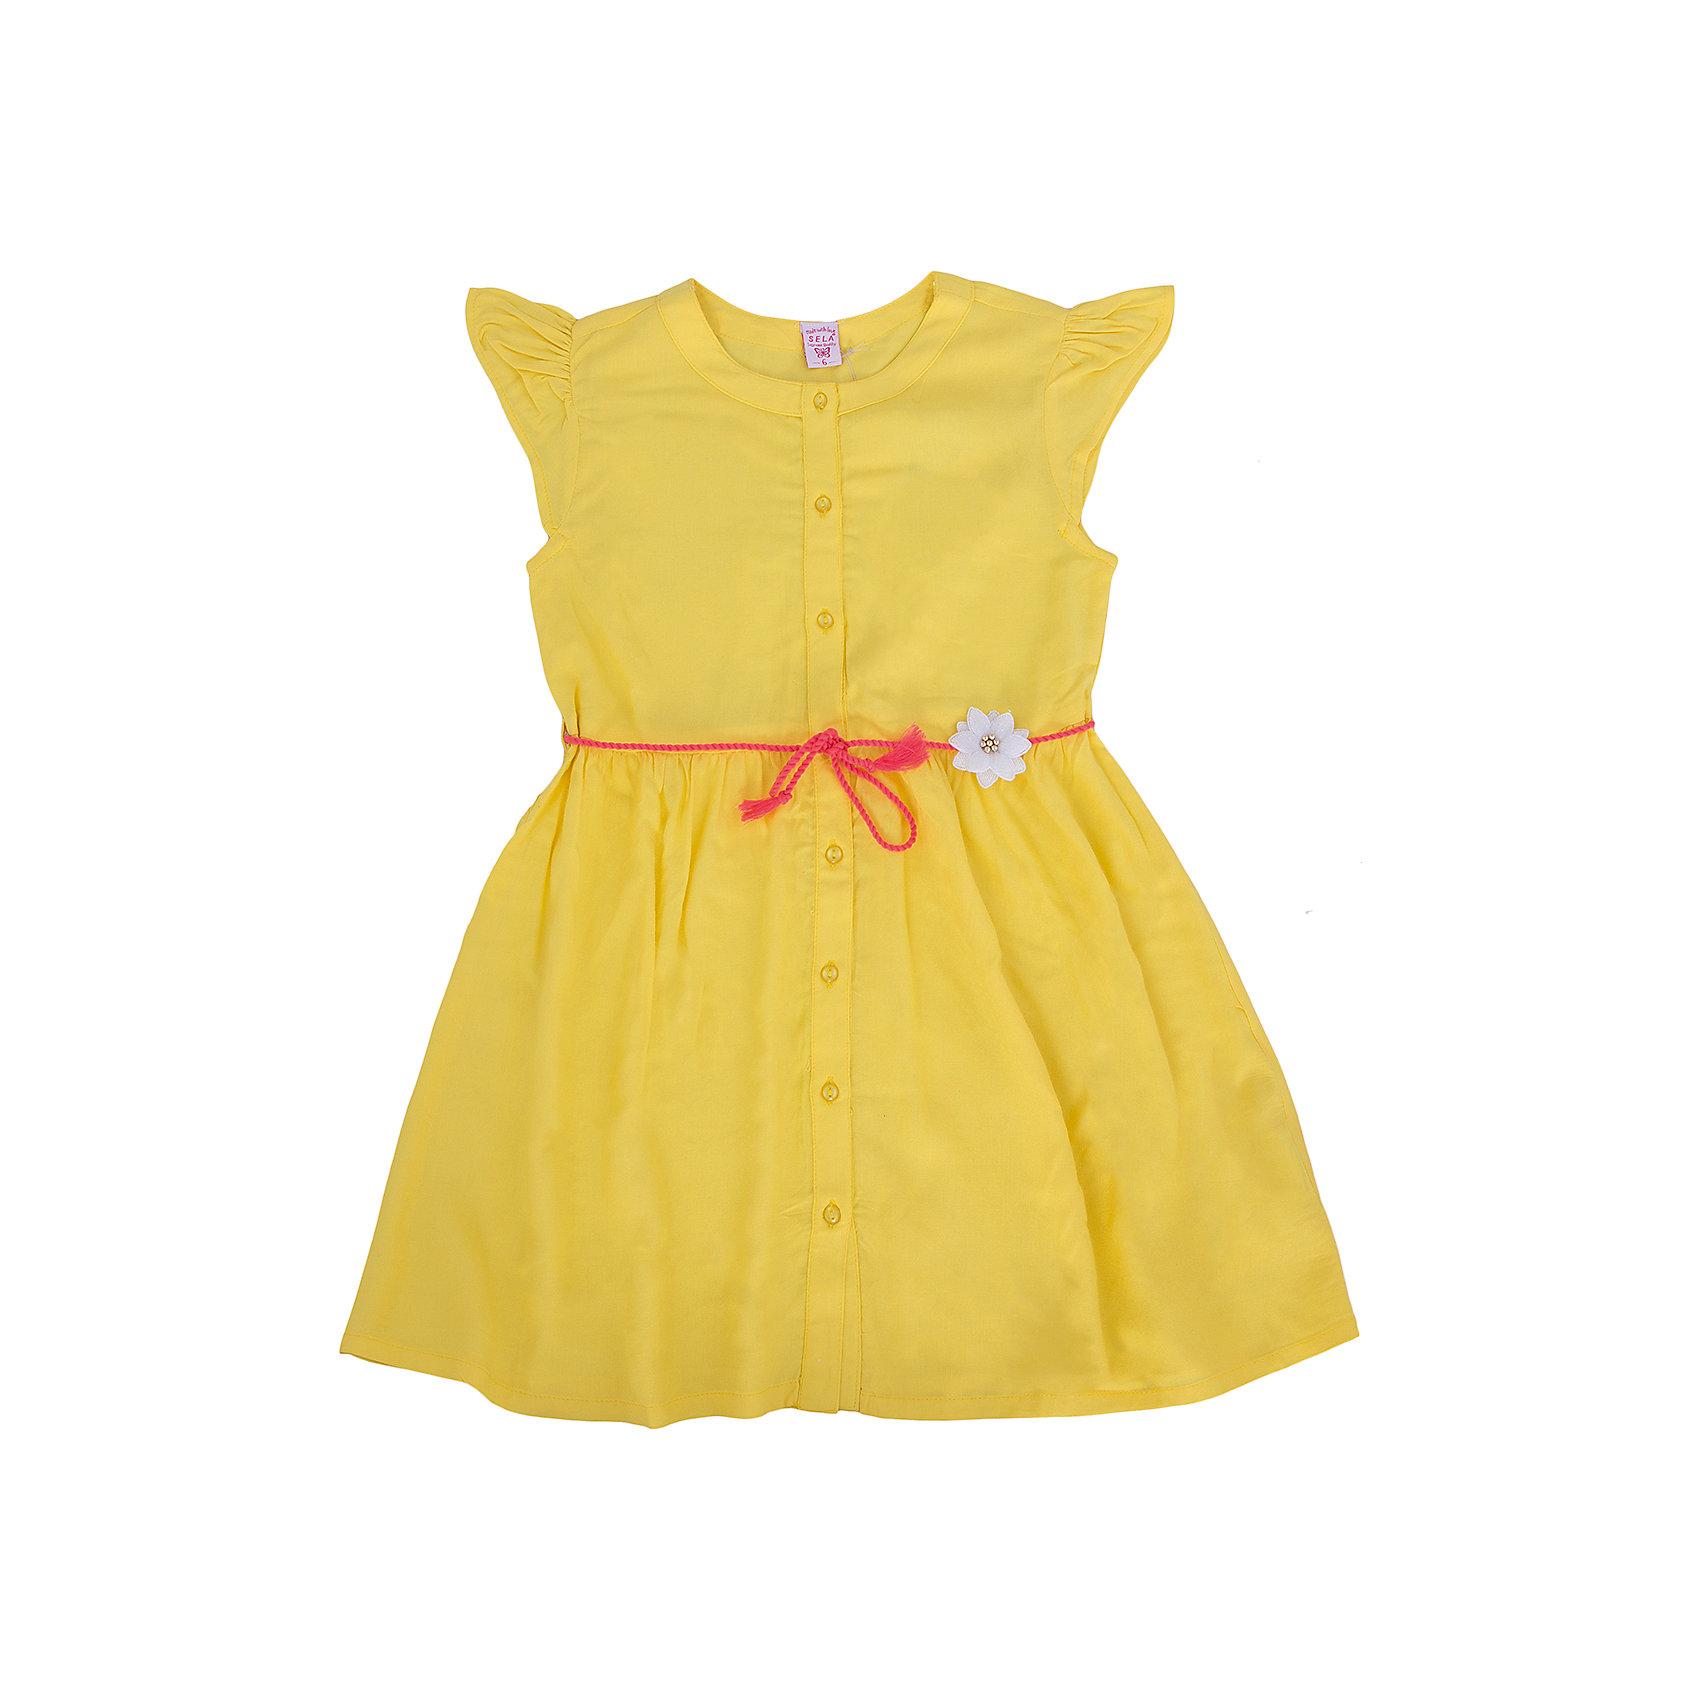 Платье для девочки SELAОчаровательное платьице для девочки от популярного бренда SELA. Изделие выполнено из тонкого летящего материала, мягкого и очень приятного к телу, и обладает следующими особенностями:<br>- ярко-желтый цвет;<br>- контрастный пояс-шнурок с милейшим цветком;<br>- легкие рукава-крылышки;<br>- округлый вырез горловины;<br>- А-силуэт;<br>- пуговки впереди по всей длине;<br>- комфортный крой, обеспечивающий свободу движения.<br>Прекрасный выбор для летних дней!<br><br>Дополнительная информация:<br>- состав: 100% вискоза<br>- цвет: желтый<br><br>Платье для девочки SELA (СЕЛА) можно купить в нашем магазине<br><br>Ширина мм: 236<br>Глубина мм: 16<br>Высота мм: 184<br>Вес г: 177<br>Цвет: желтый<br>Возраст от месяцев: 48<br>Возраст до месяцев: 60<br>Пол: Женский<br>Возраст: Детский<br>Размер: 98,110,92,104,116<br>SKU: 4741635